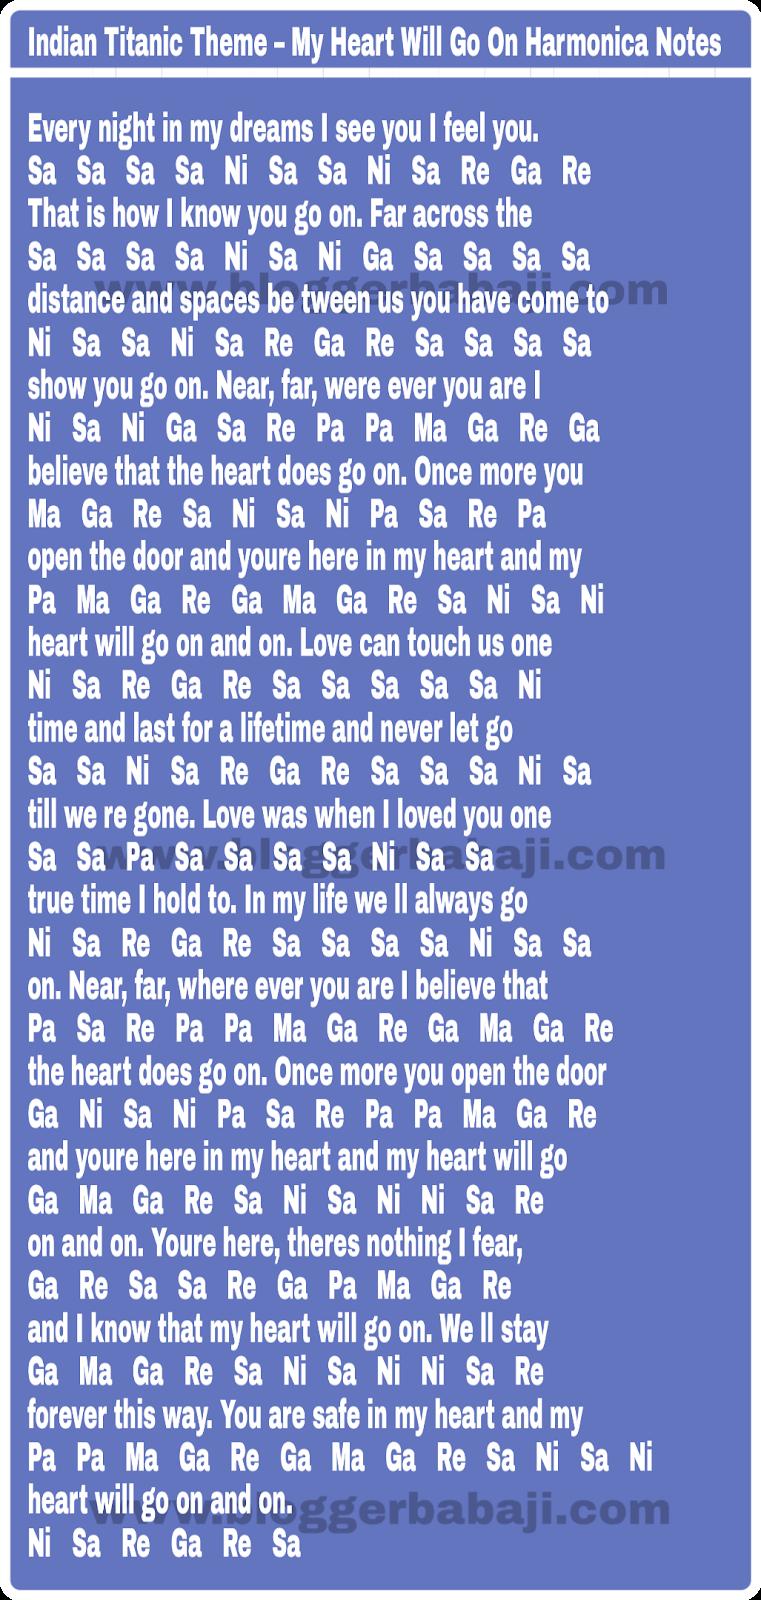 Indian Titanic Theme My Heart Will Go On Harmonica Notations Notes Key Tabs Yahin doobe din mere, dhadha gadha ni sa. on harmonica notations notes key tabs